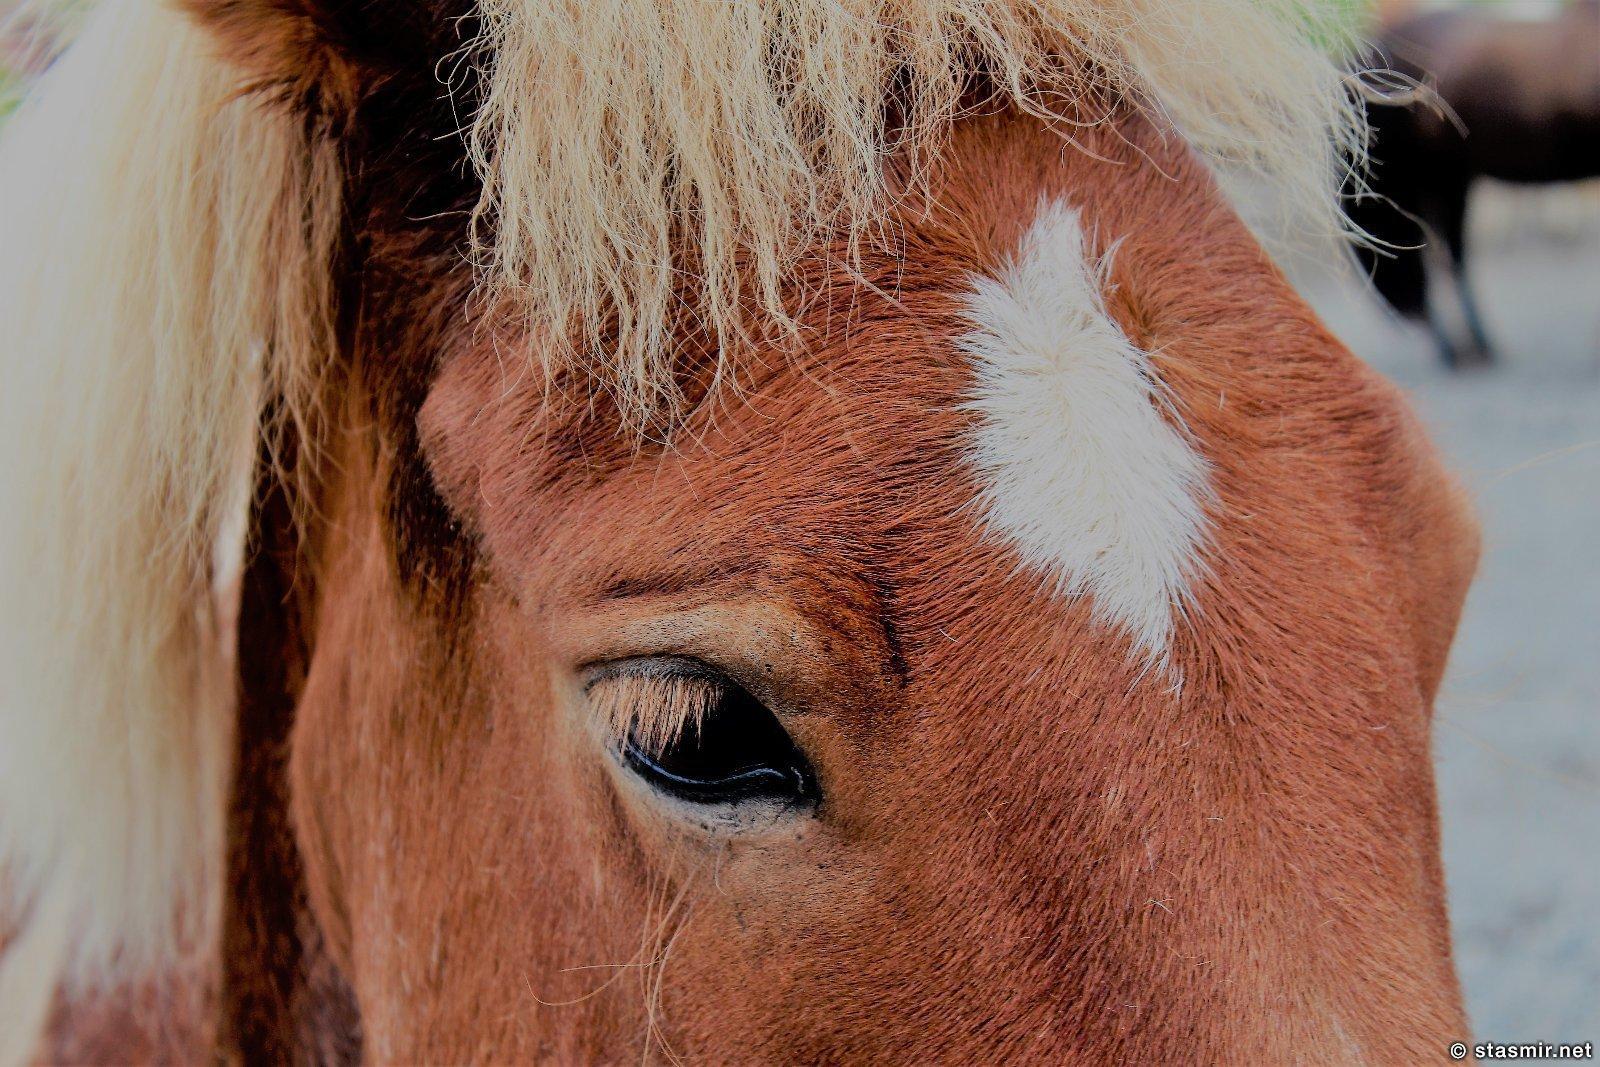 глаза исландской лошадки, фото Стасмир, Photo Stasmir